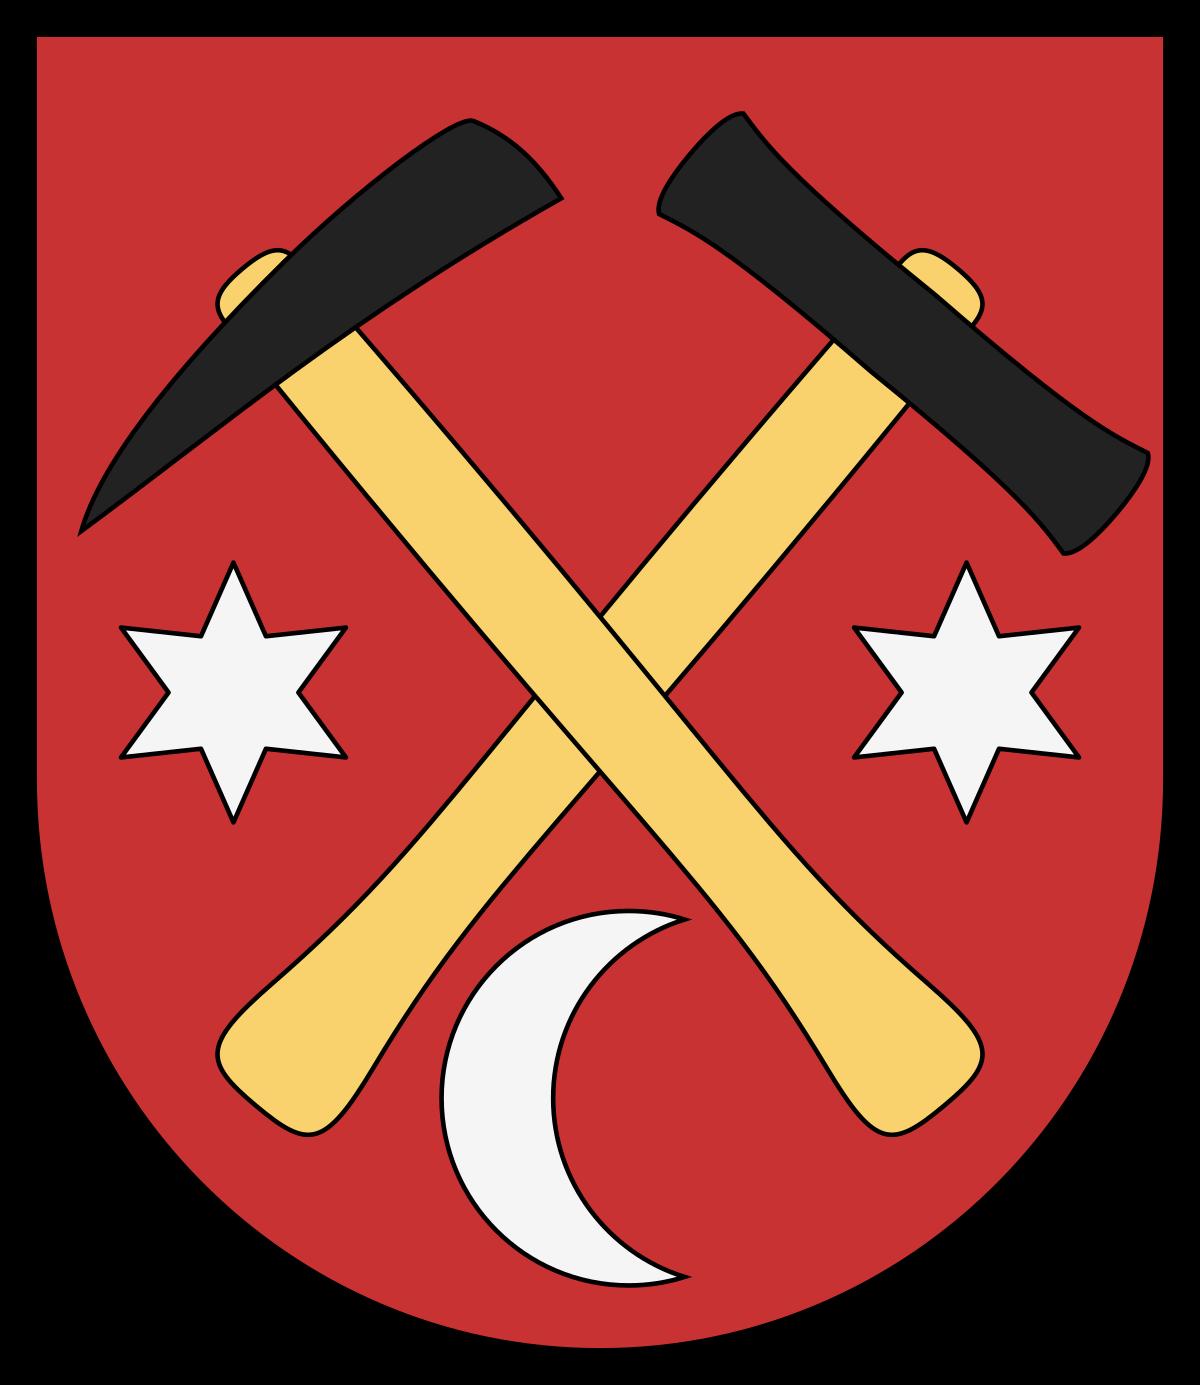 Bányászszerszámok (heraldika) – Wikipédia